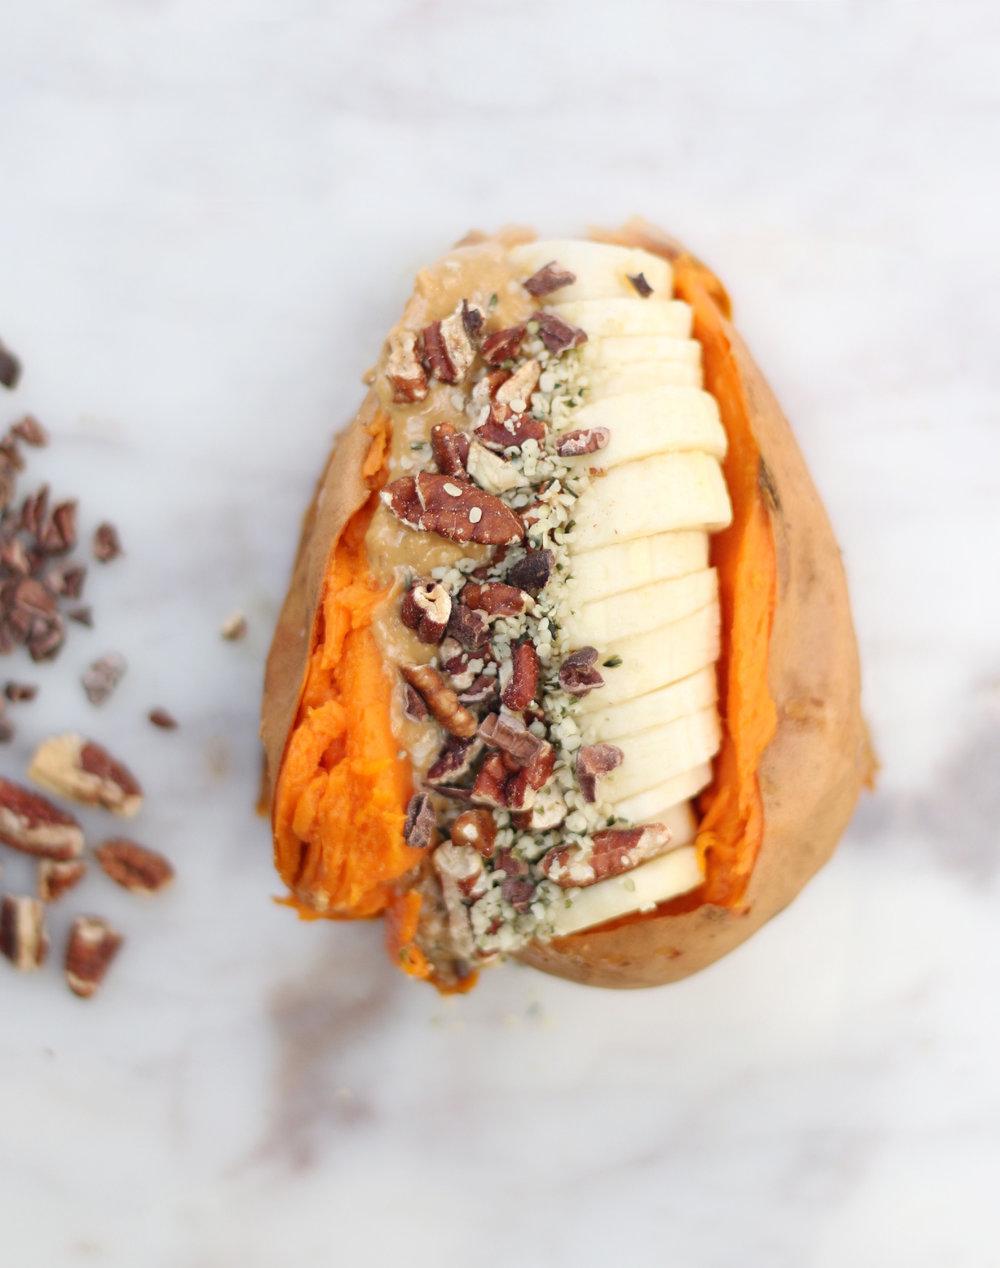 stuffed breakfast sweet potato